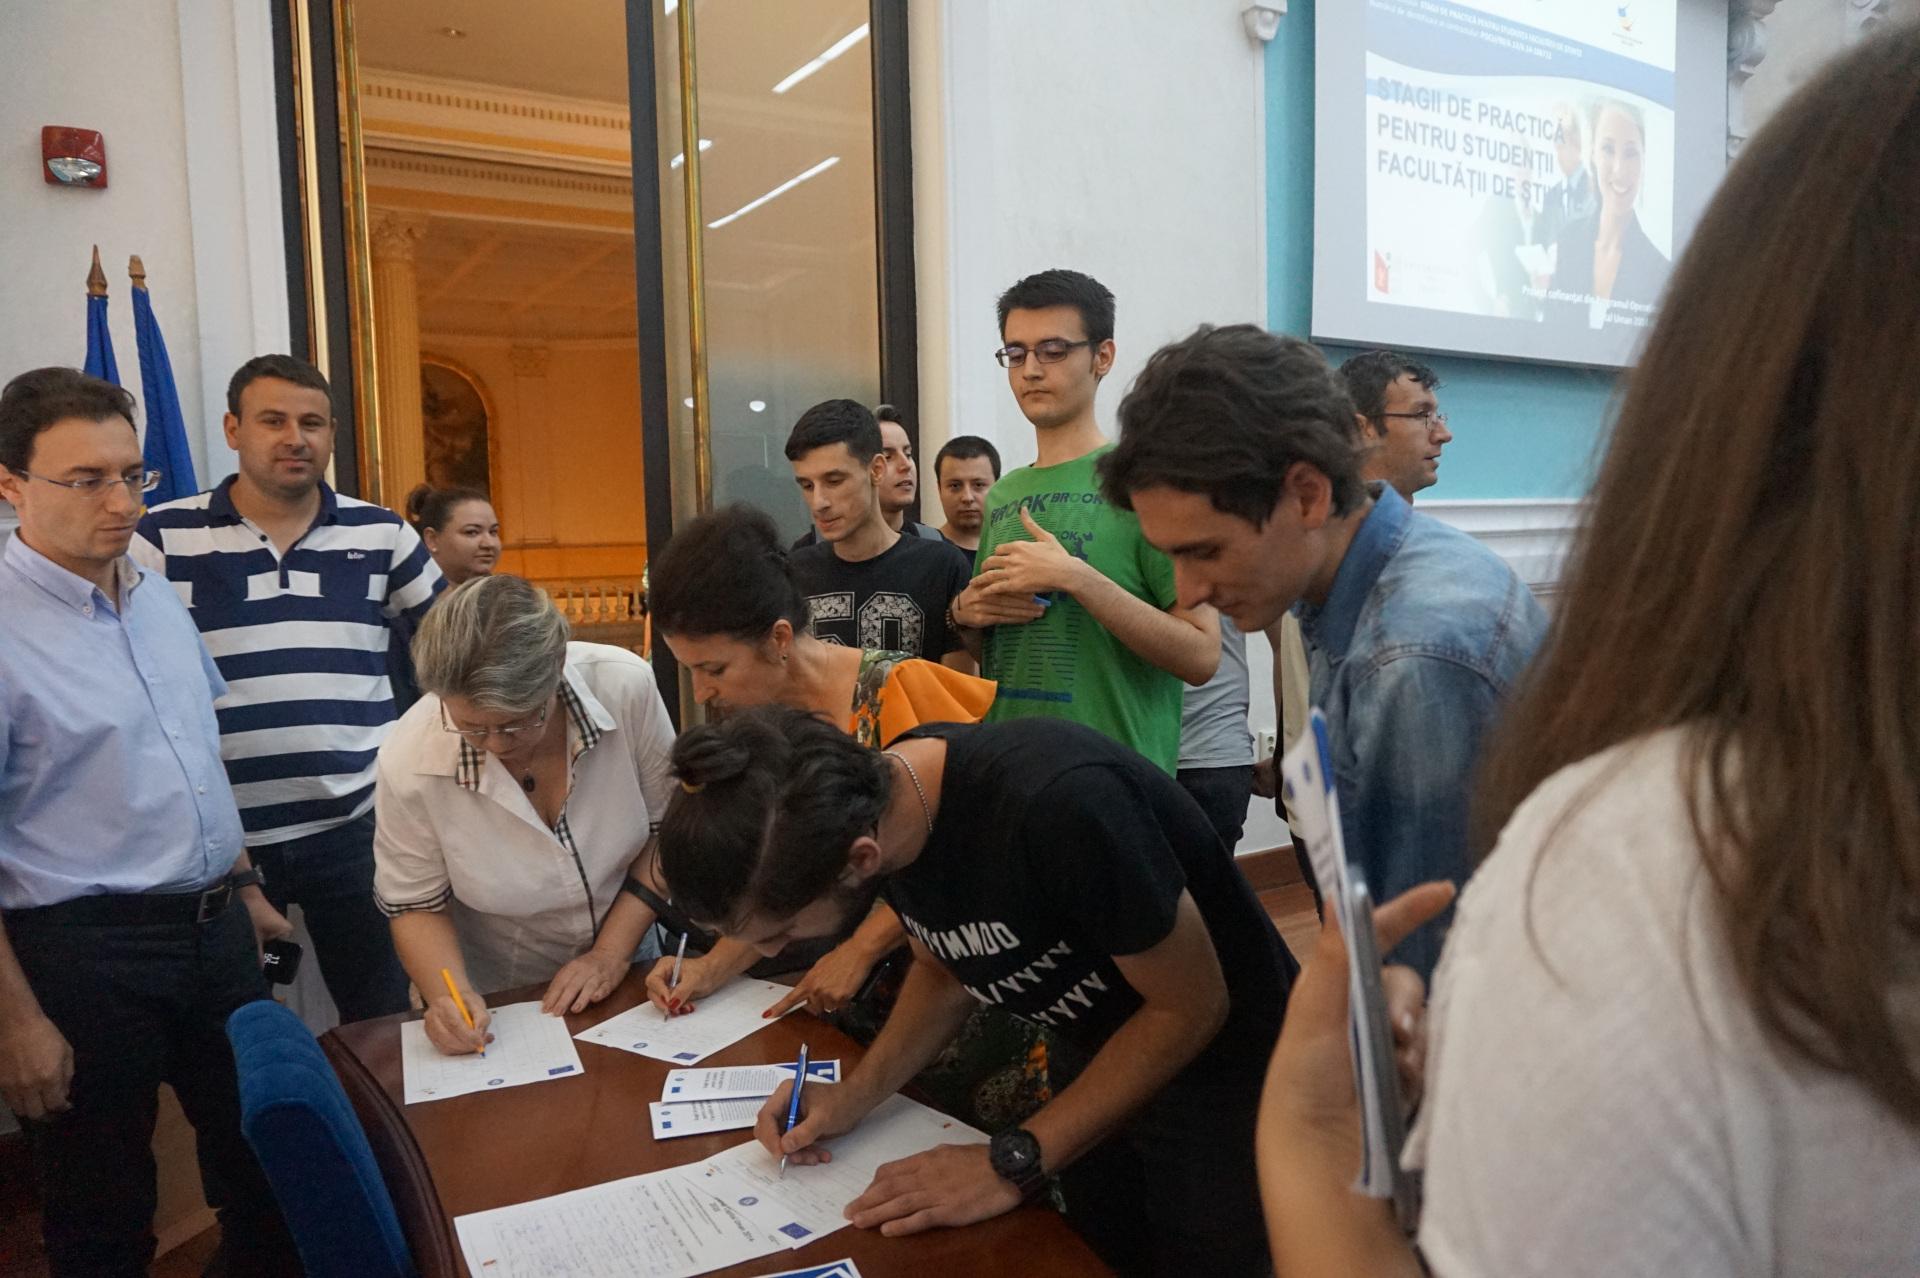 conferinta-lansare-proiect (2)